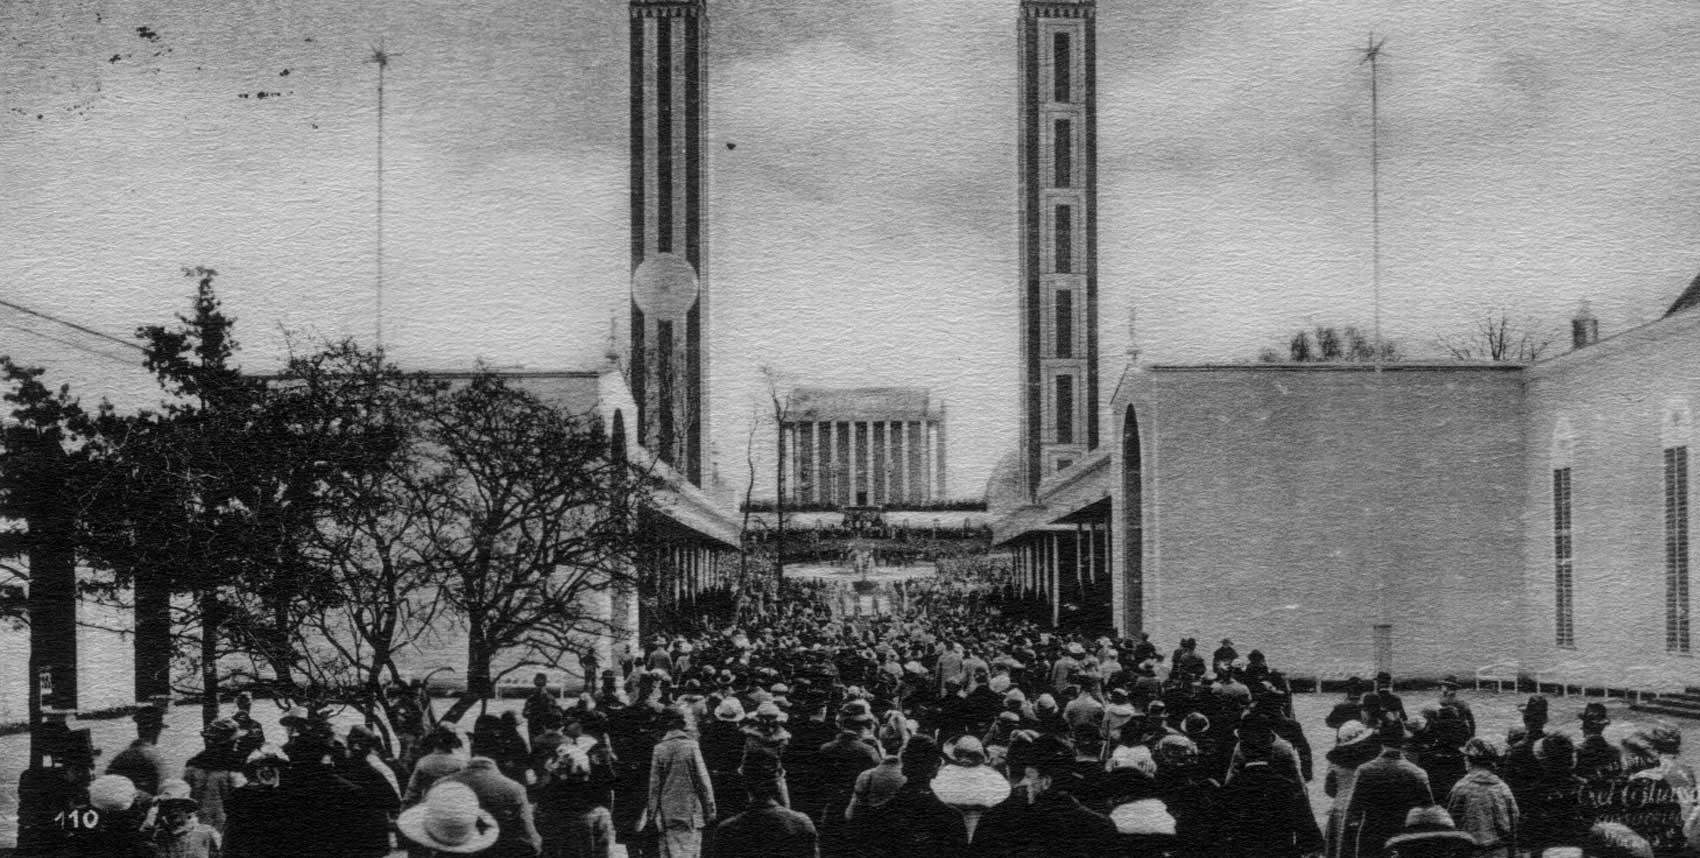 Fotografi föreställande entrén till utställningsområdet med mycket människor på väg in